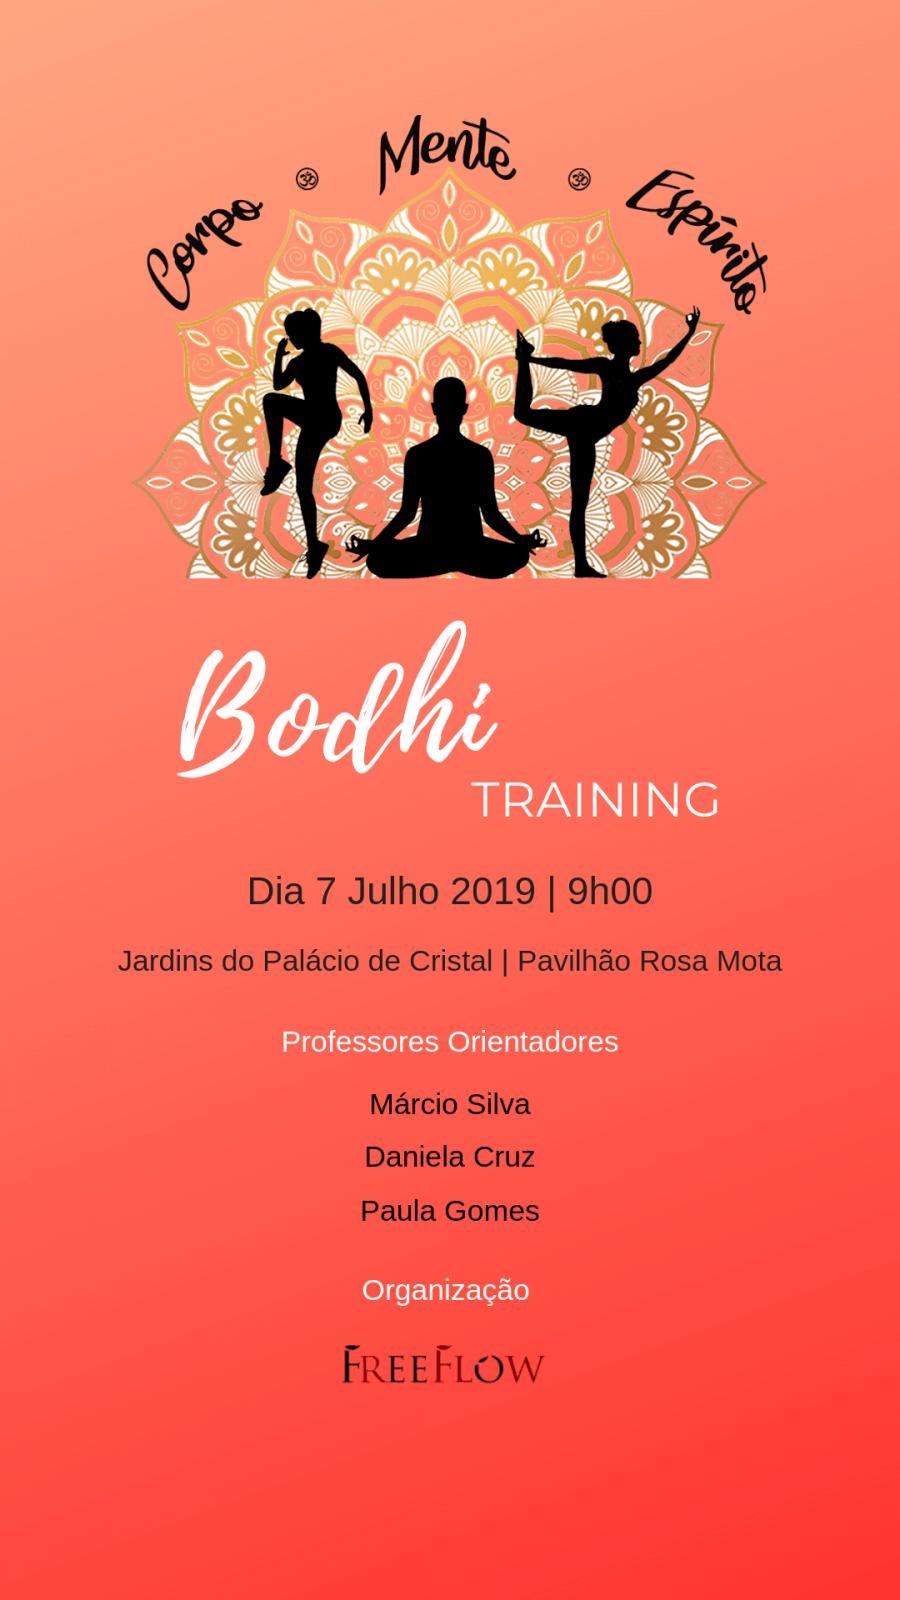 Bodhi Training - Corpo|Mente|Espírito